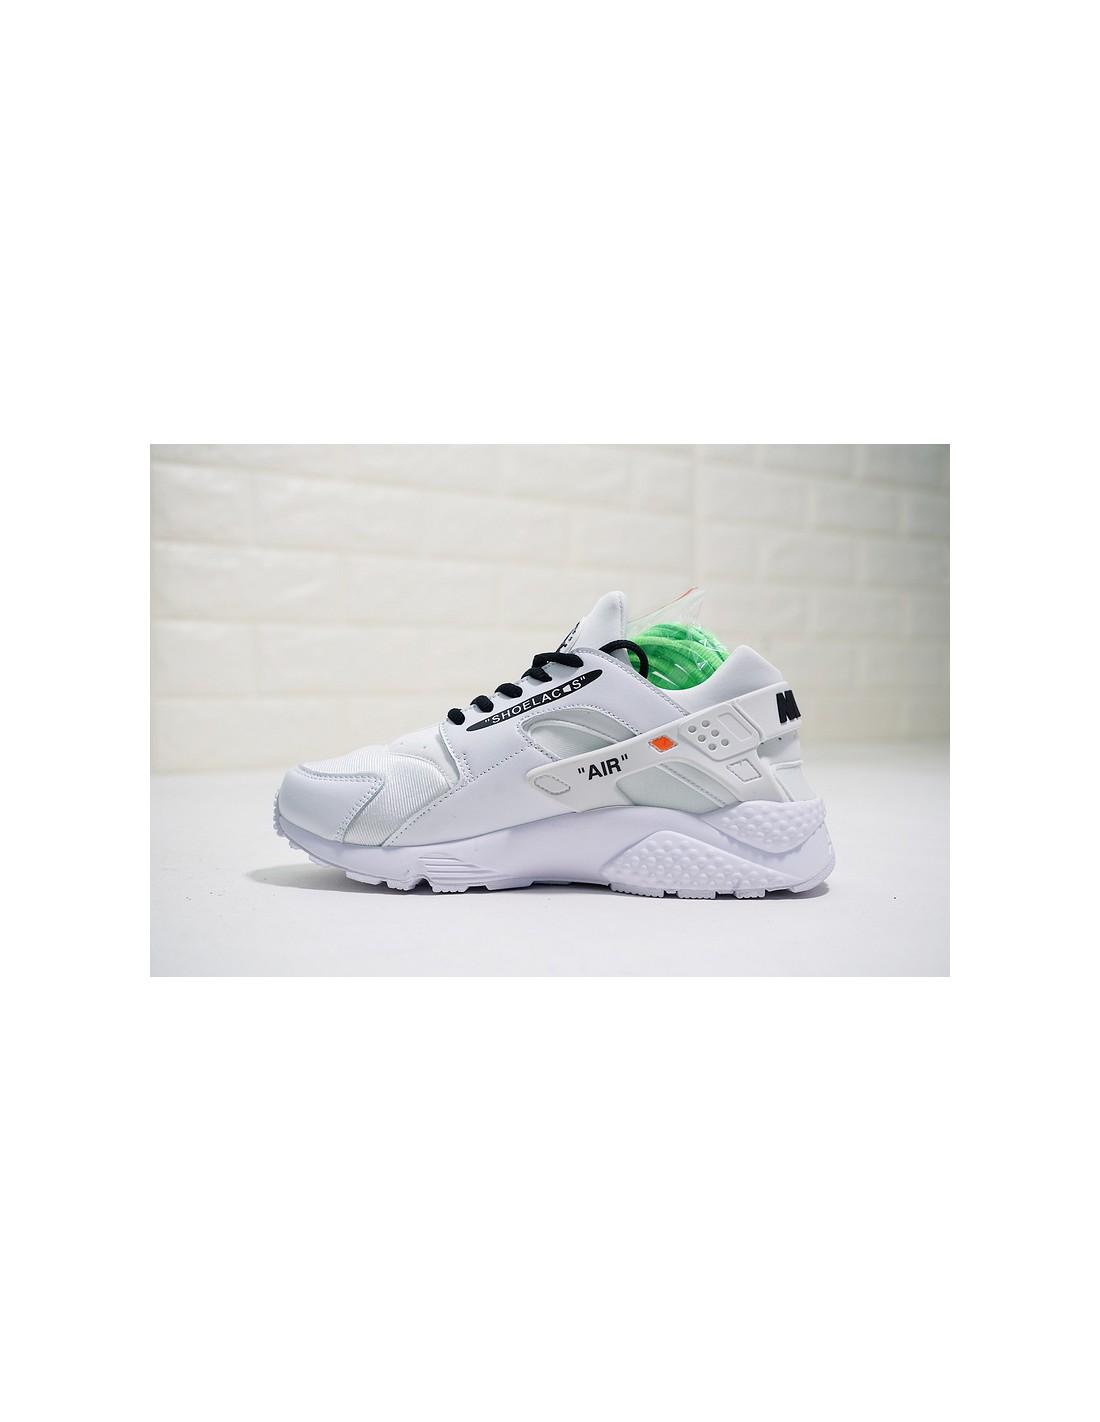 official photos 4c0ef 7a96b Pour Air Custom Nike Premium Homme amp  Femme Off X White Huarache Run  B1dW18q